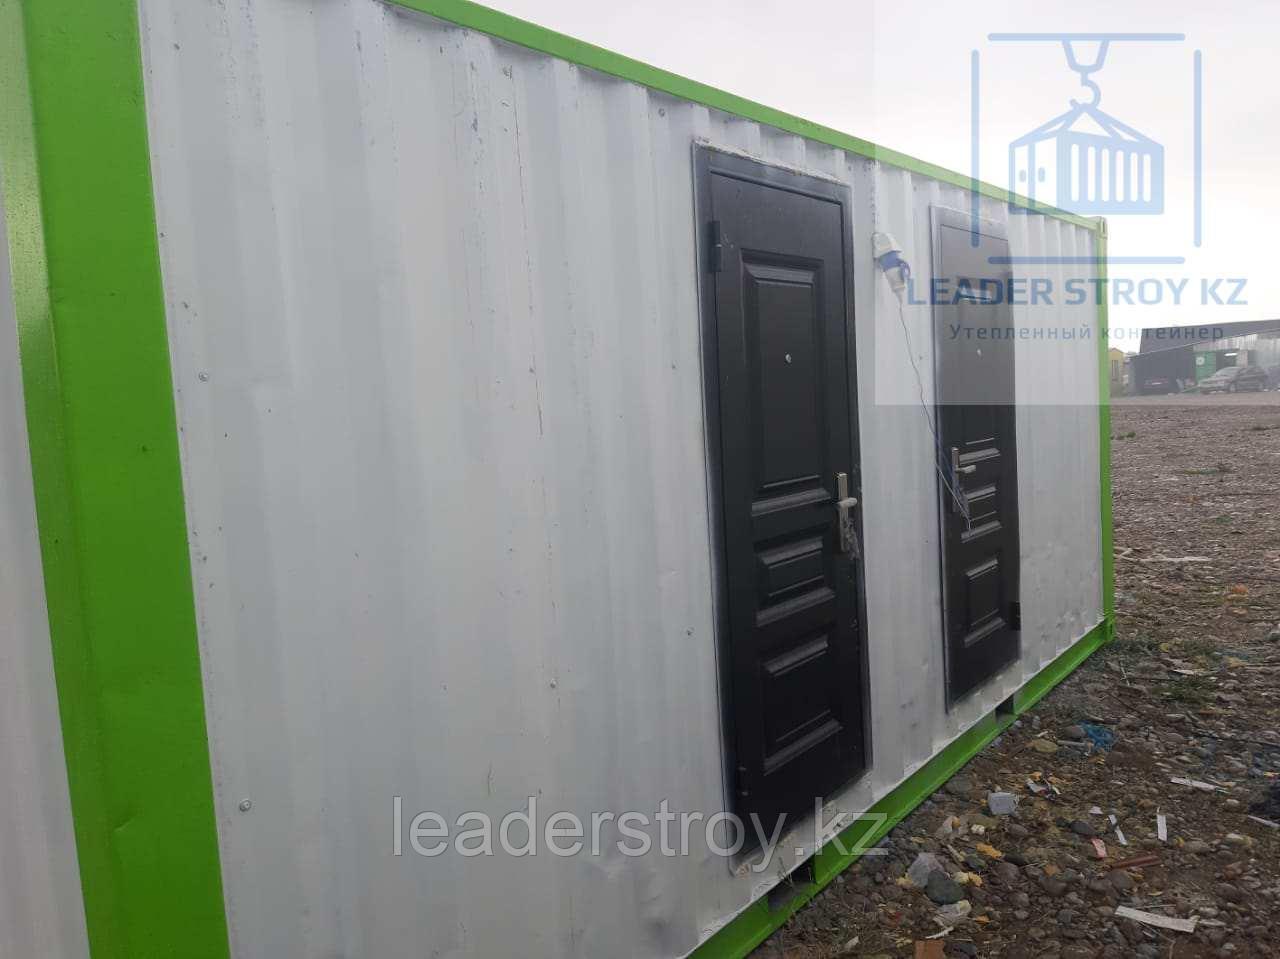 Модульный туалет из 20 фут. контейнера на 4 кабинки